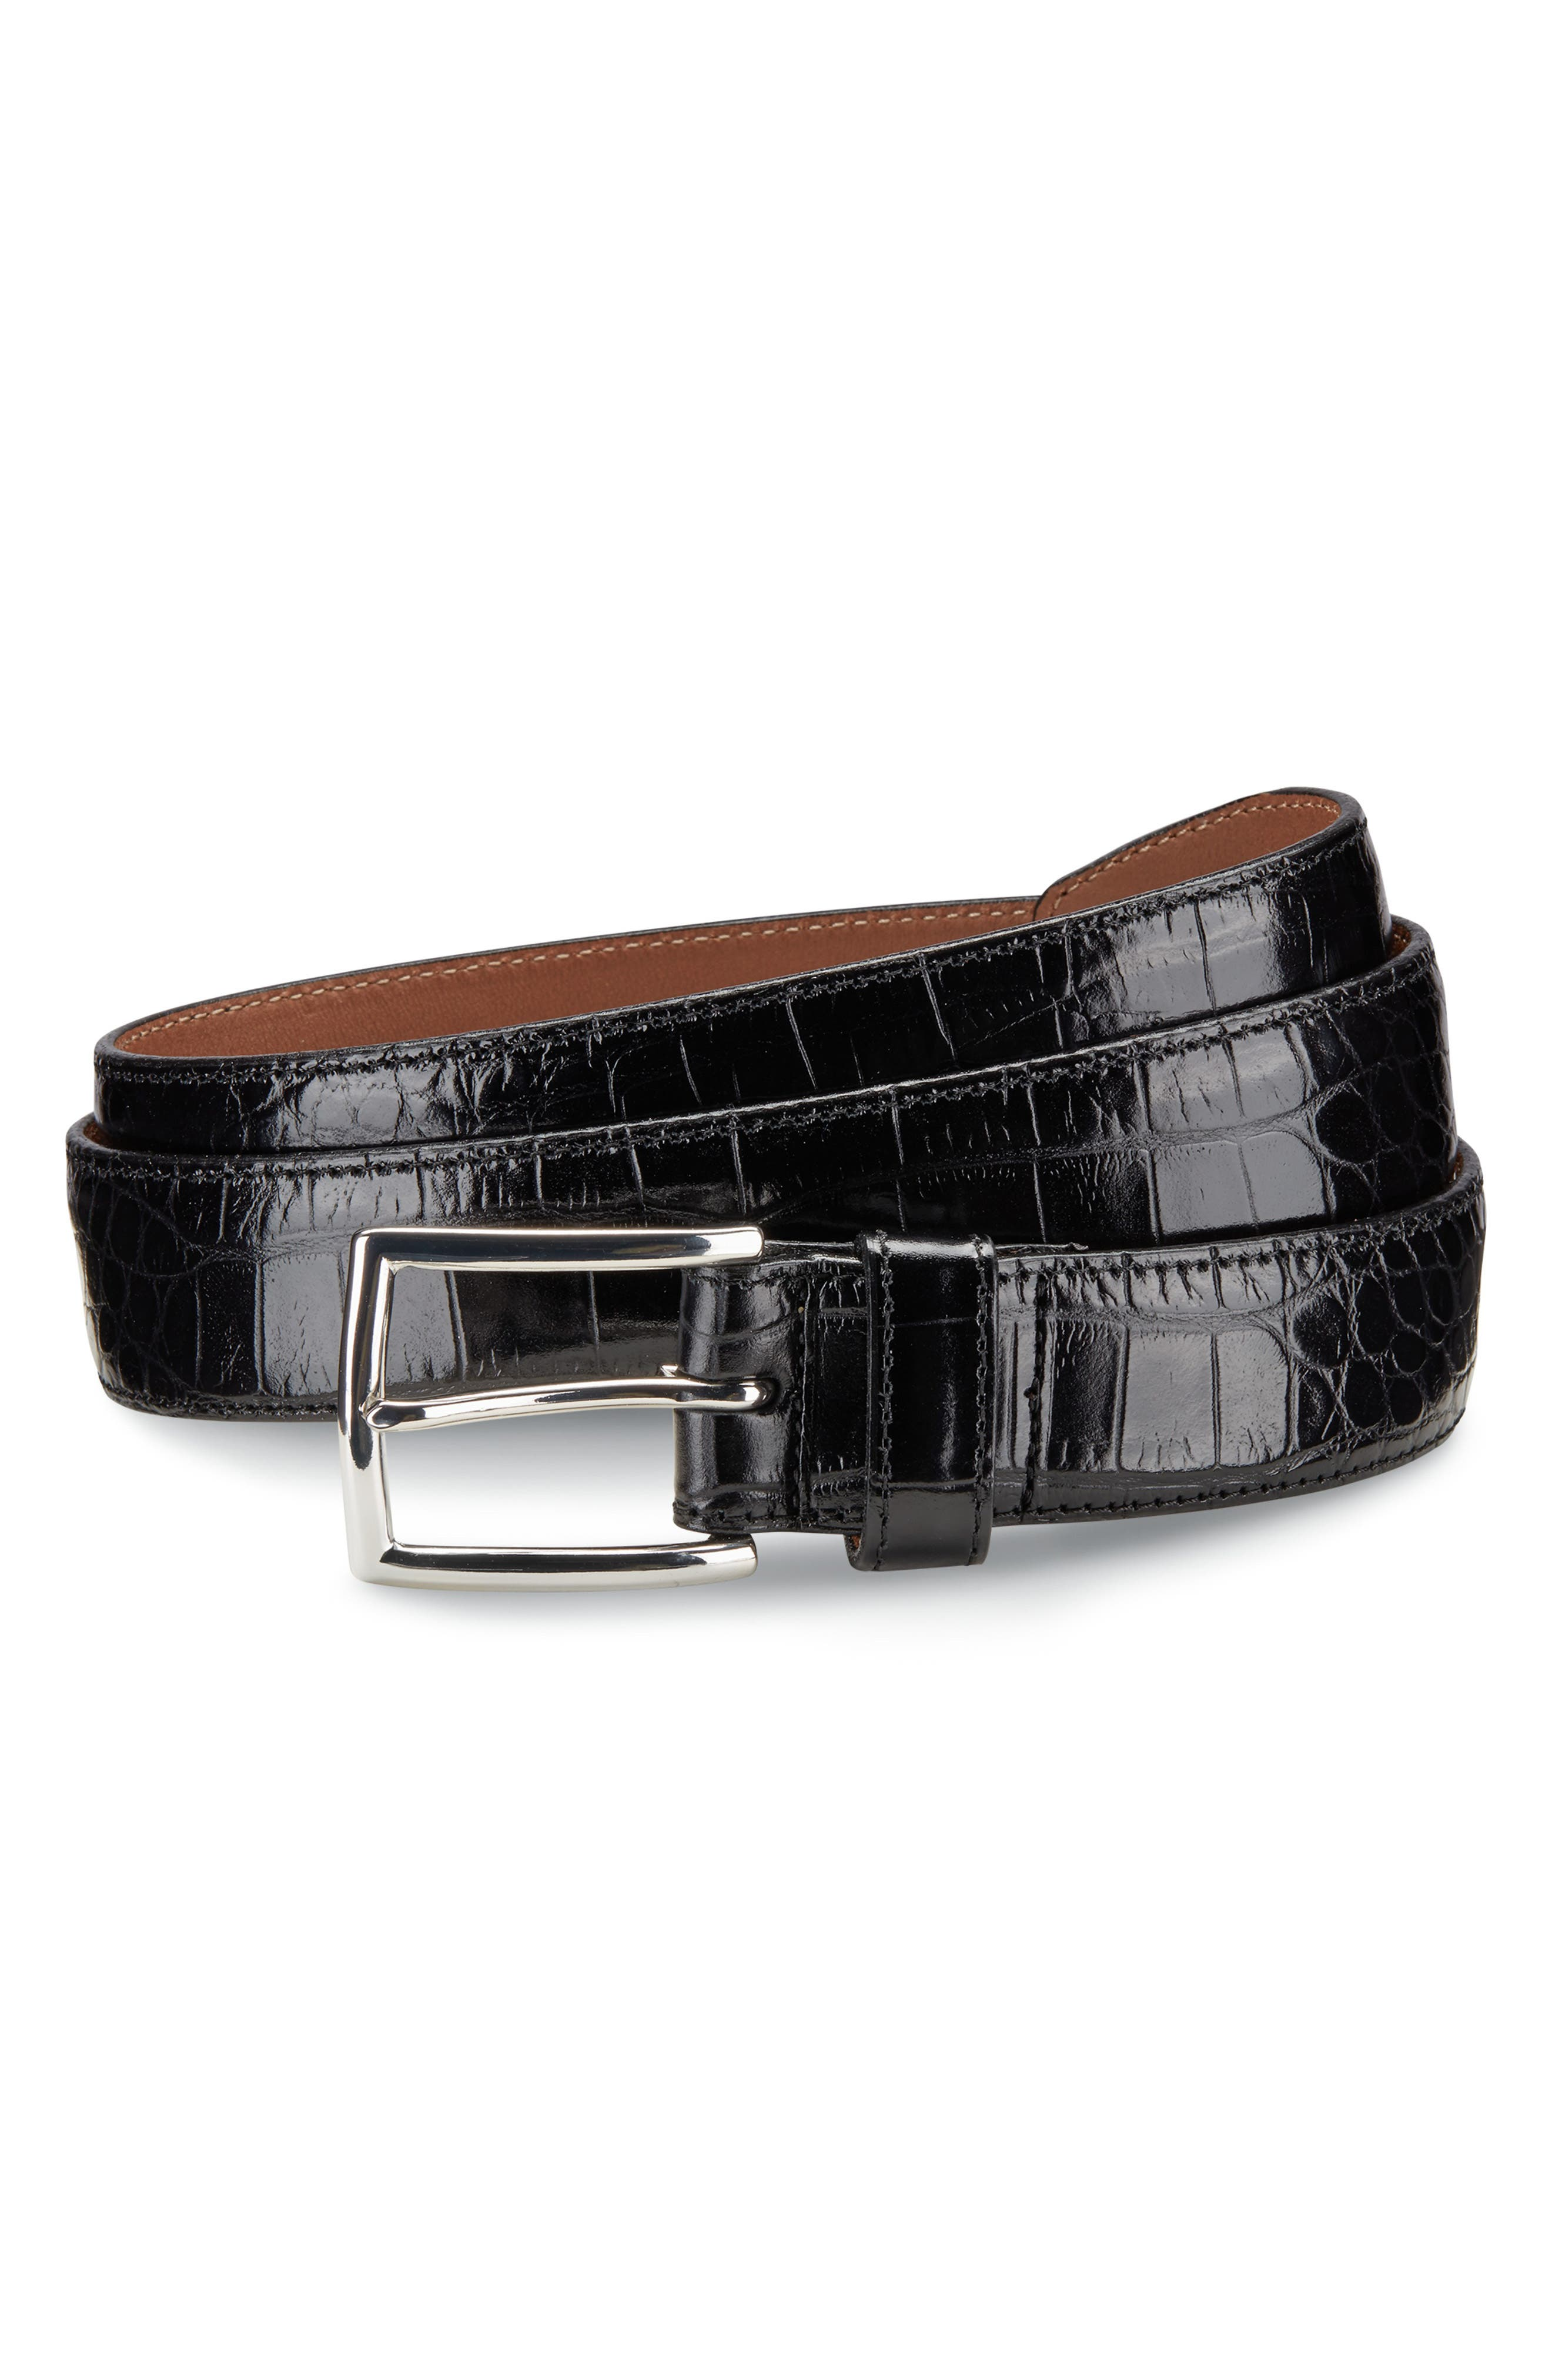 ALLEN EDMONDS Everglade Avenue Leather Belt, Main, color, BLACK